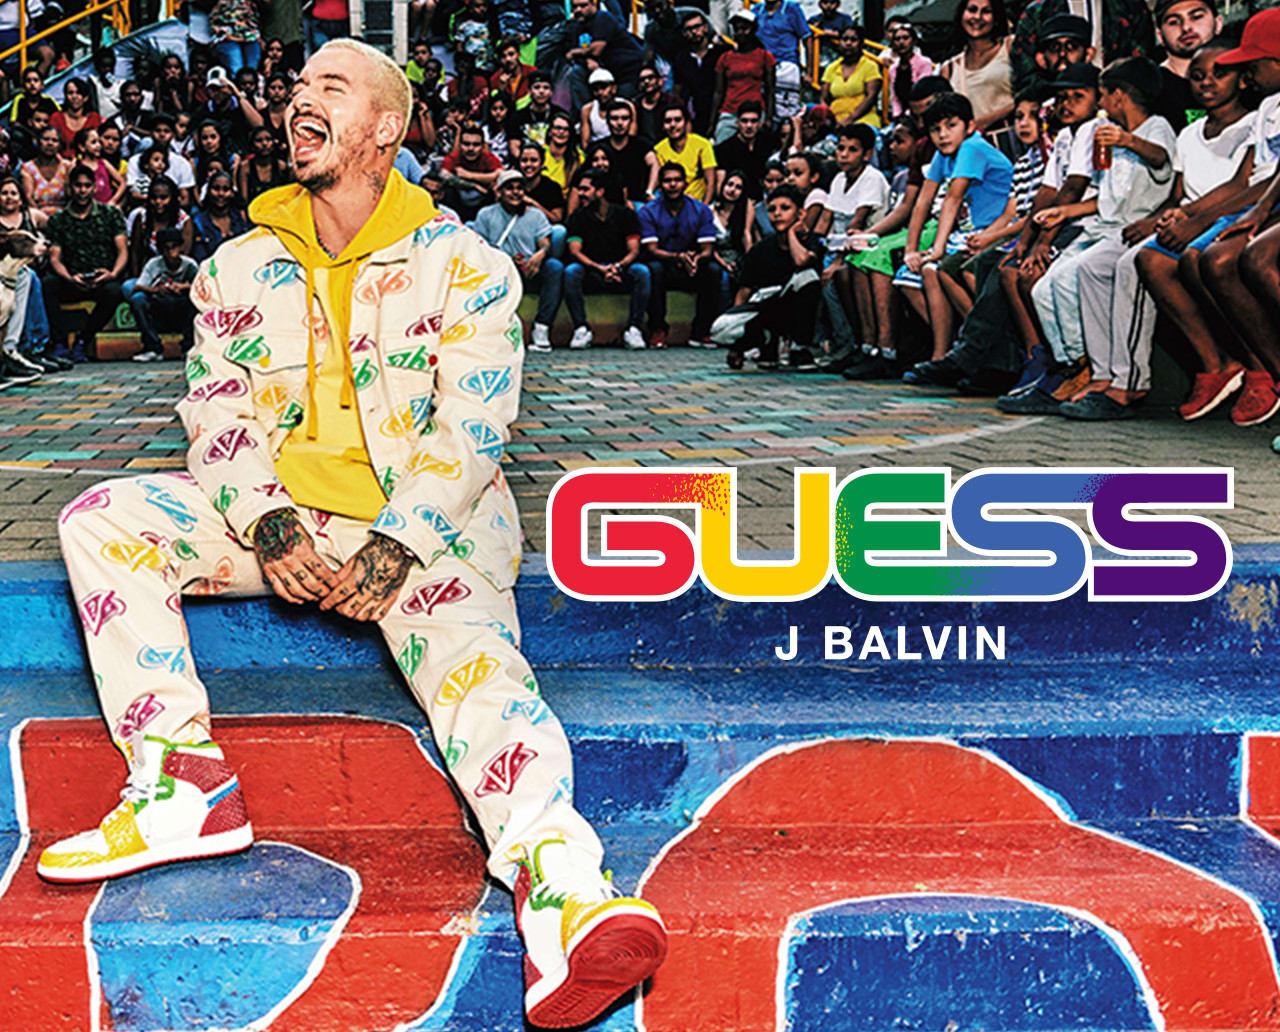 GUESS x J Balvin